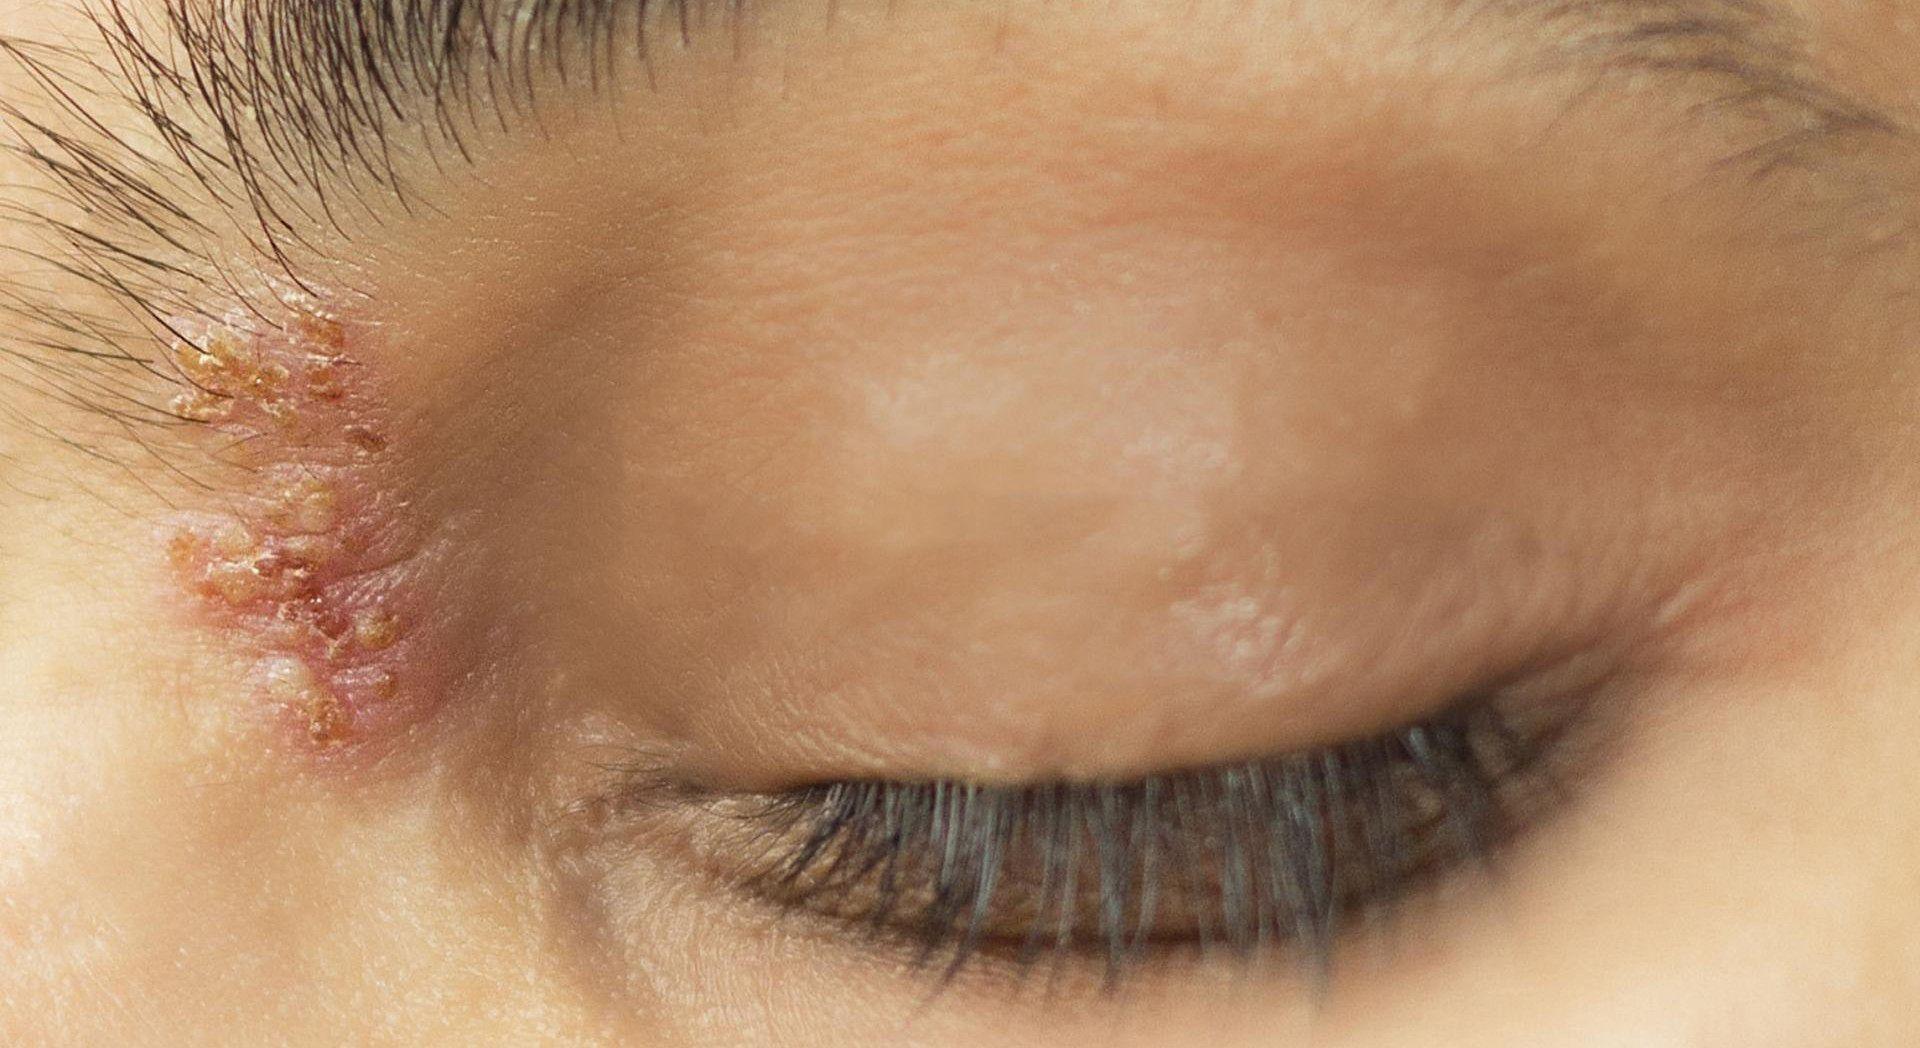 Półpasiec oczny - objawy, leczenie i powikłania | WP abcZdrowie